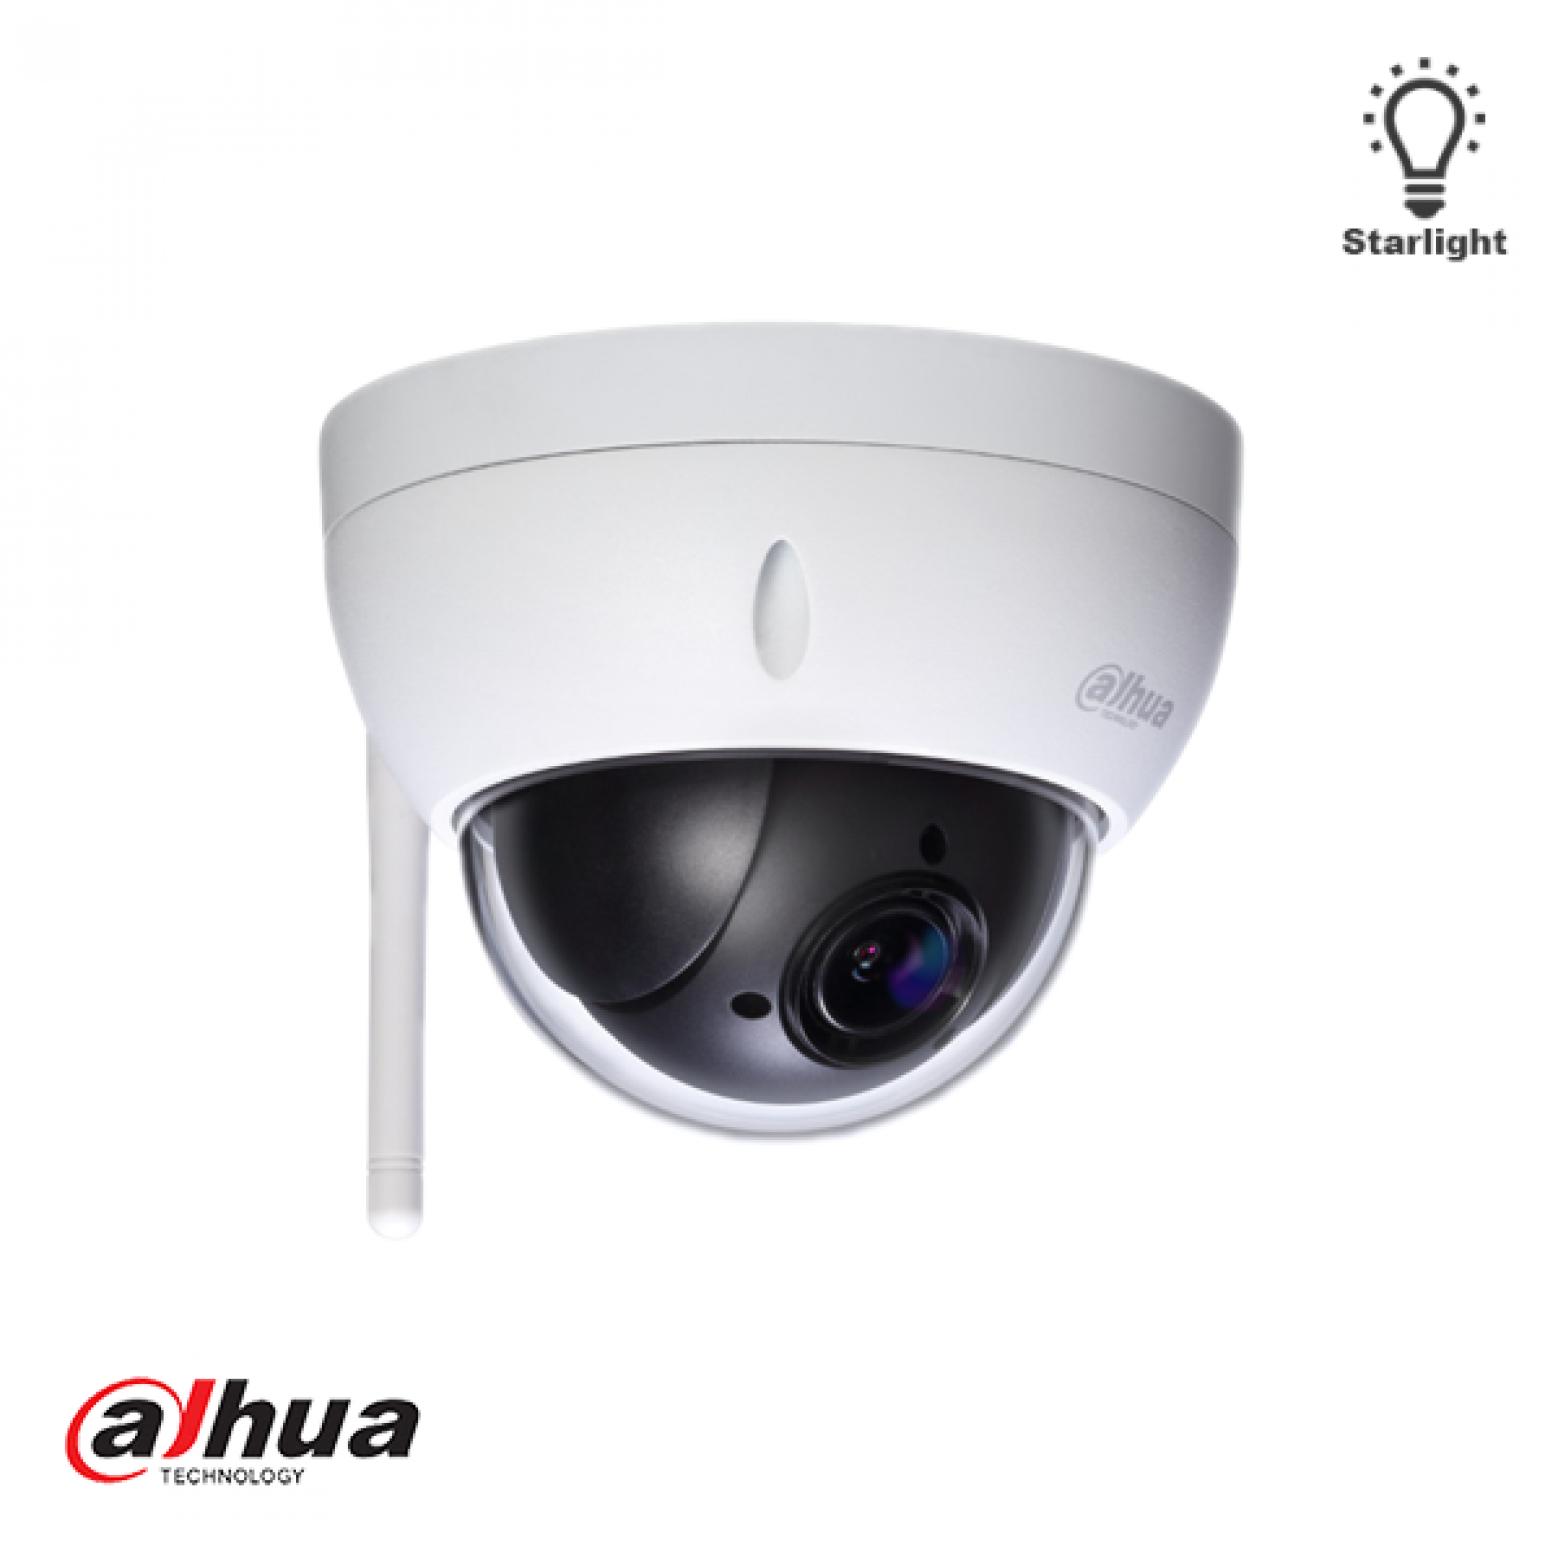 Dahua SD22204UE-GN-W 2 Mp Full HD Starlight WiFi Mini PTZ Dome Camera